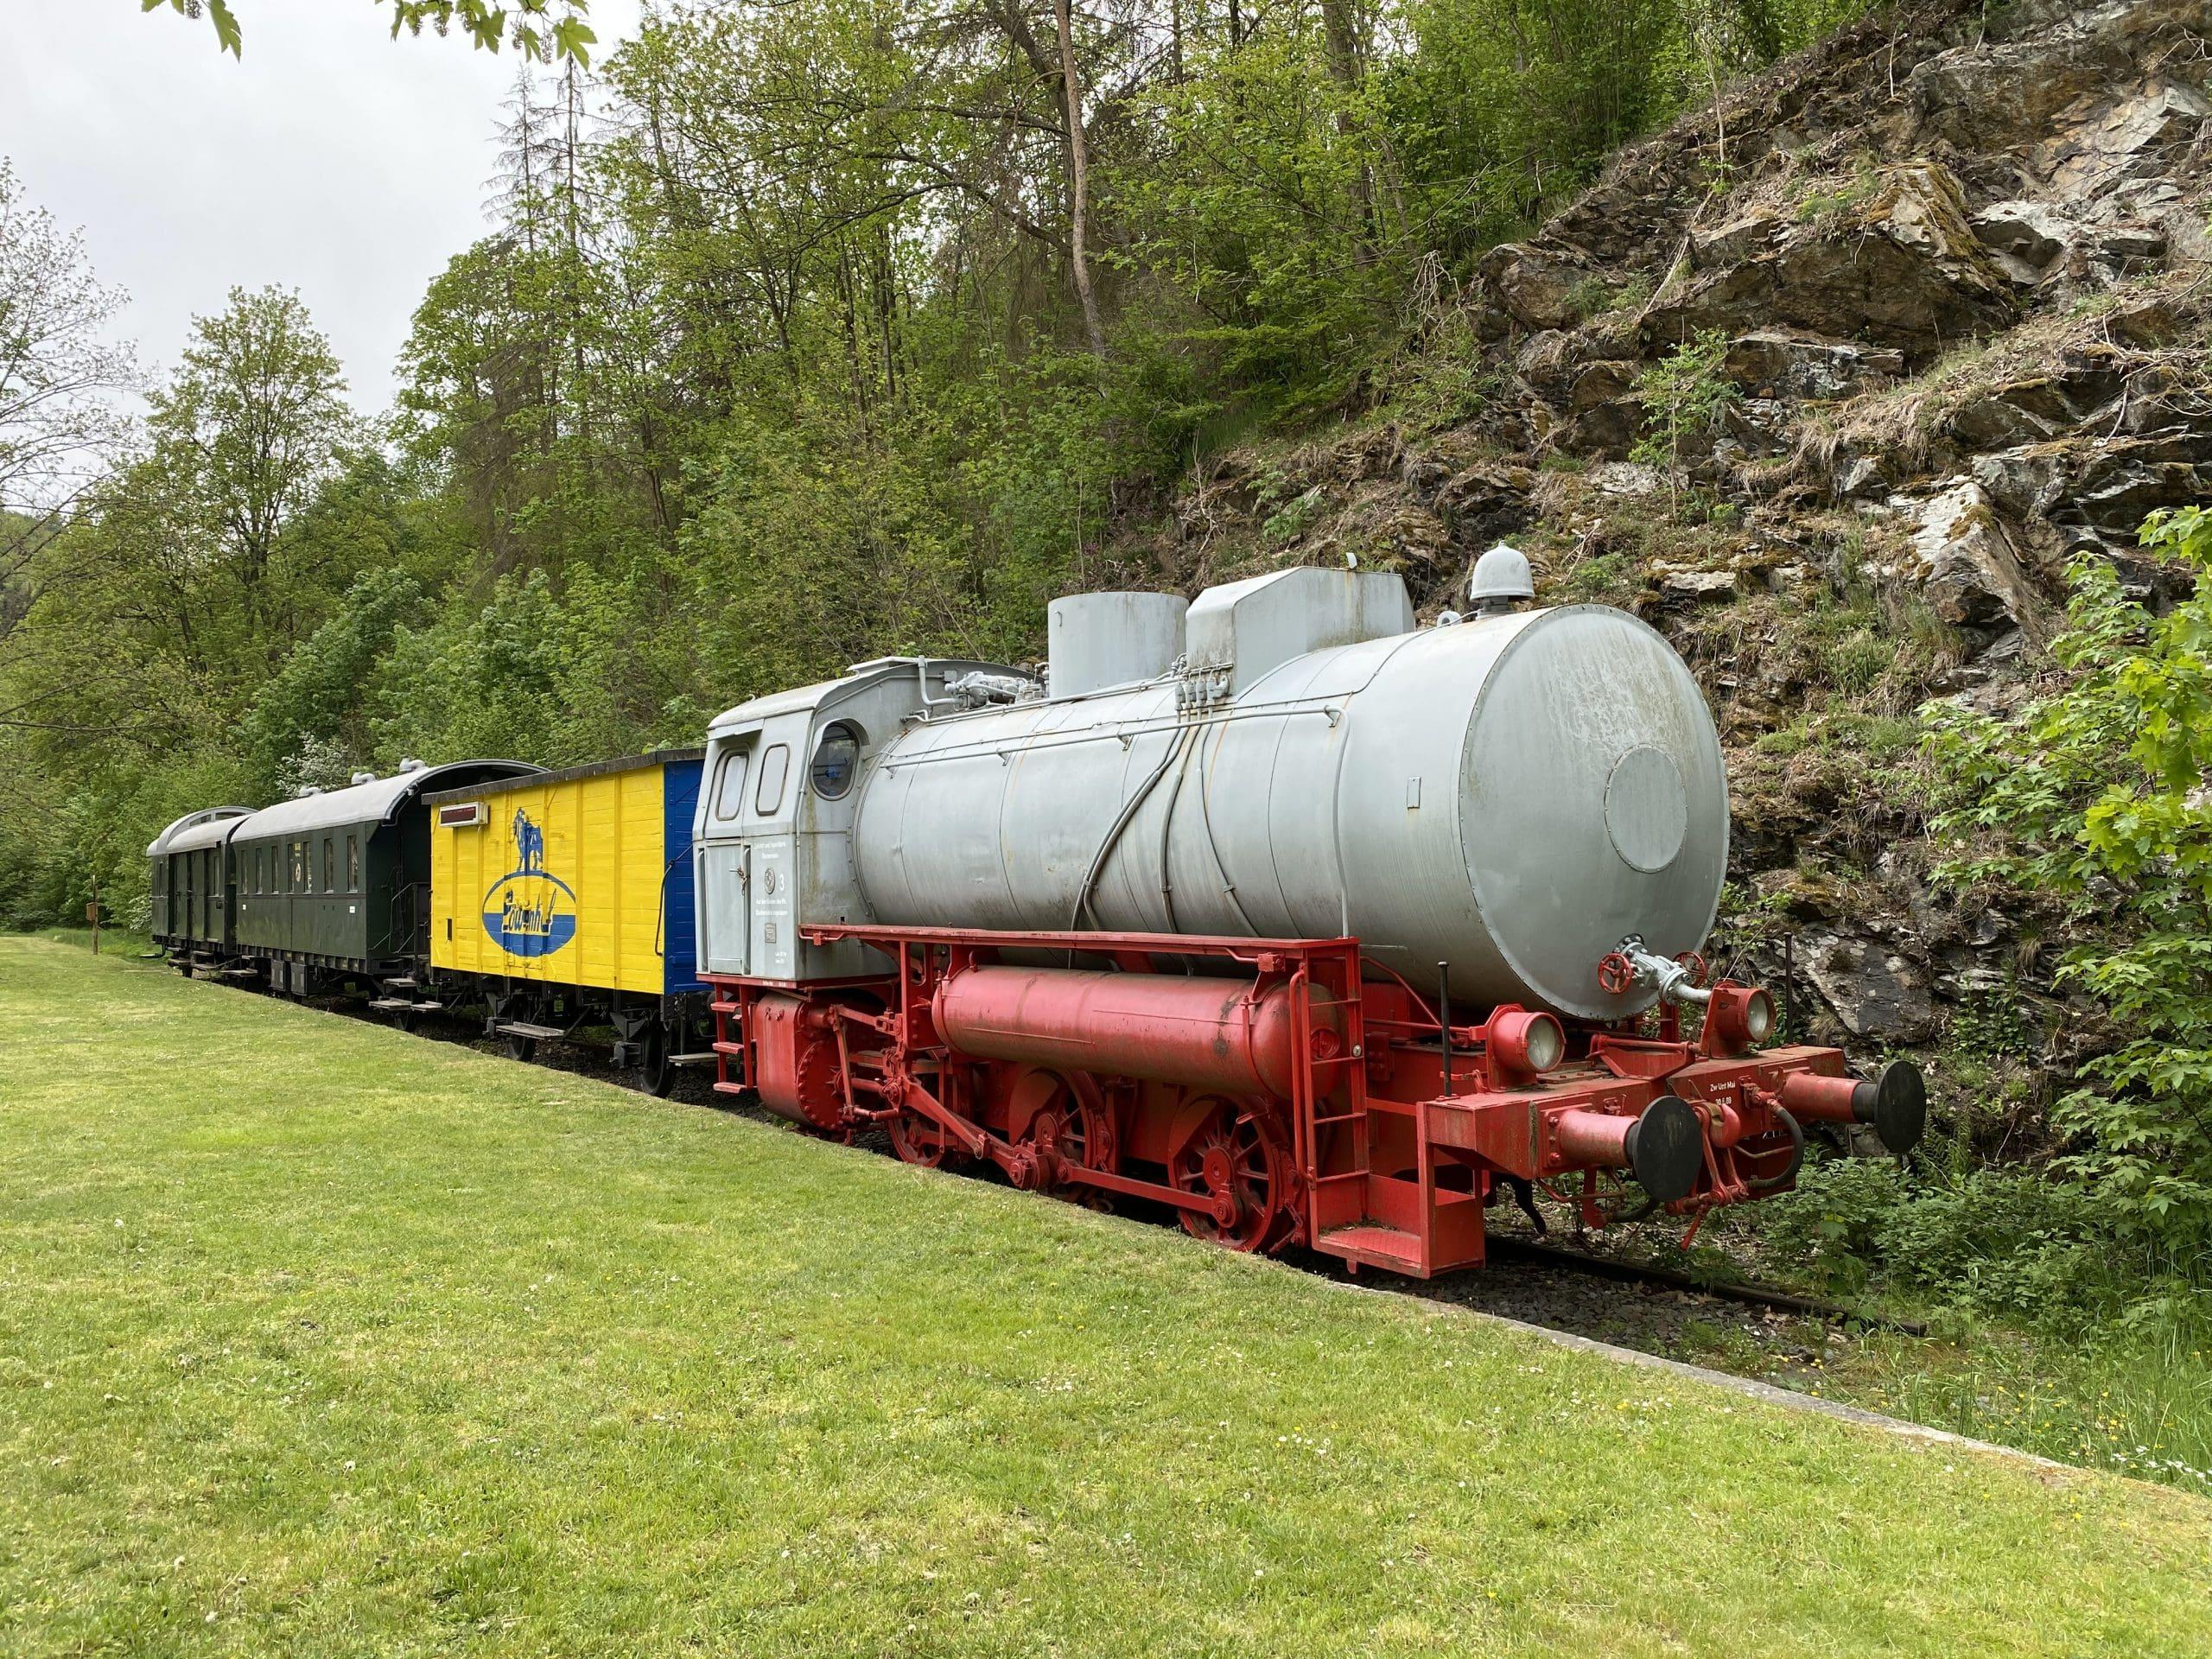 ©Foto: Jan Krehl | railmen | Diese 1969 in Babelsberg gebaute Dampfspeicherlokomotive steht vor dem Bahnhof Lichtenberg, dem heutigen Informationszentrum zum Naturpark Frankenwald, welcher im Höllental liegt.